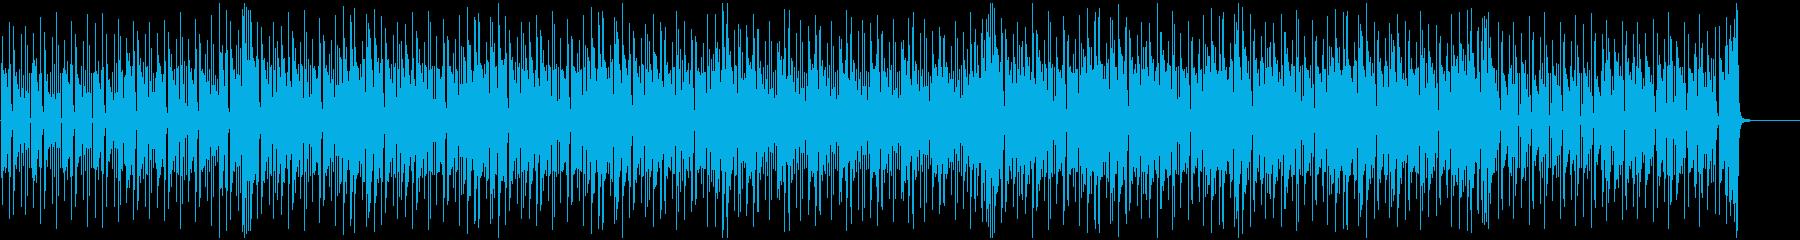 朝に流れる軽やかなピアノとアコギの再生済みの波形